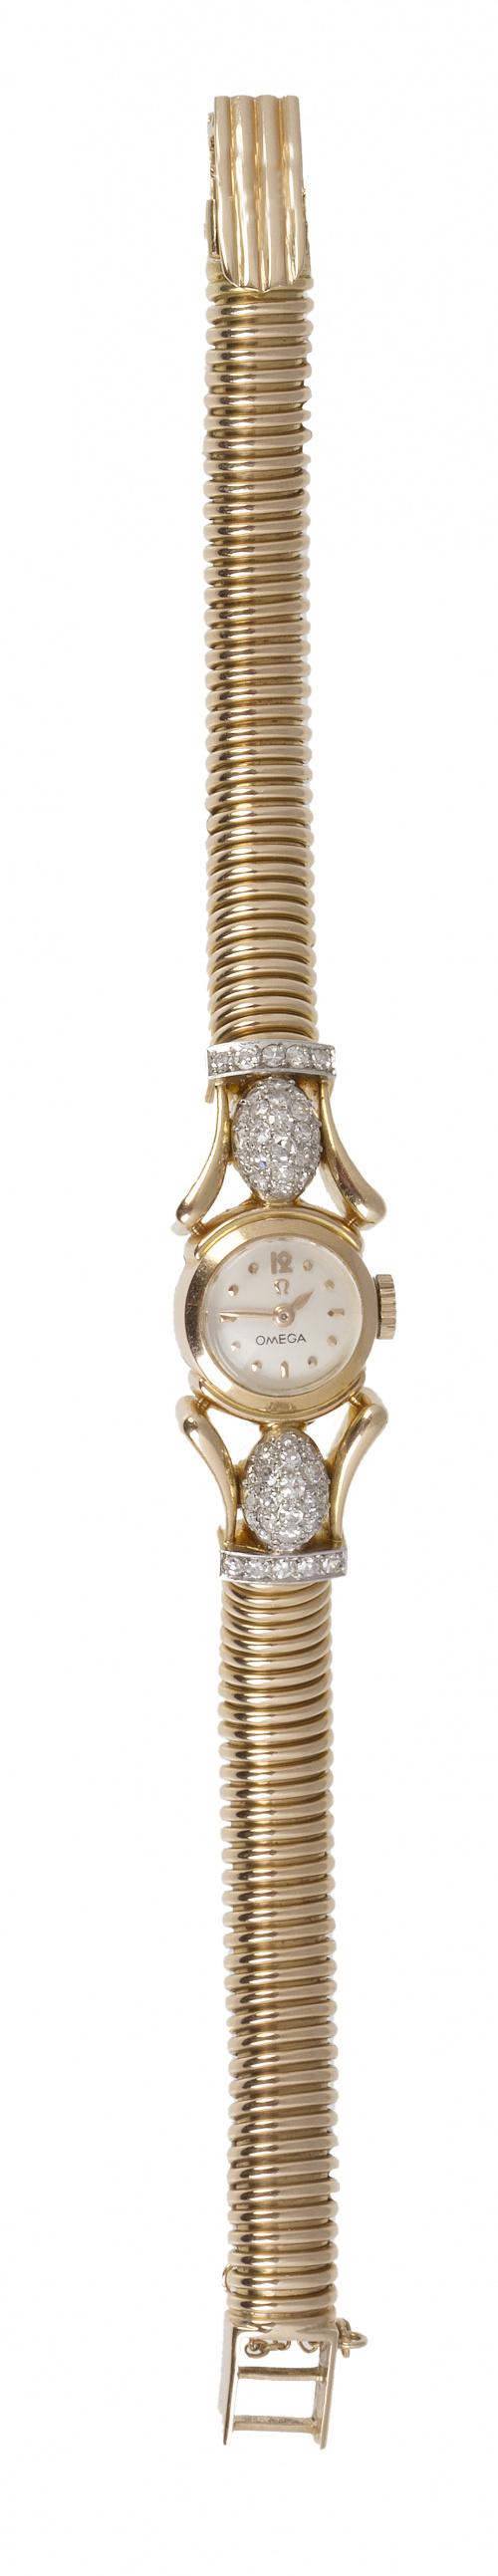 Reloj OMEGA años 40 con pulsera tubo de gas y brillantes en